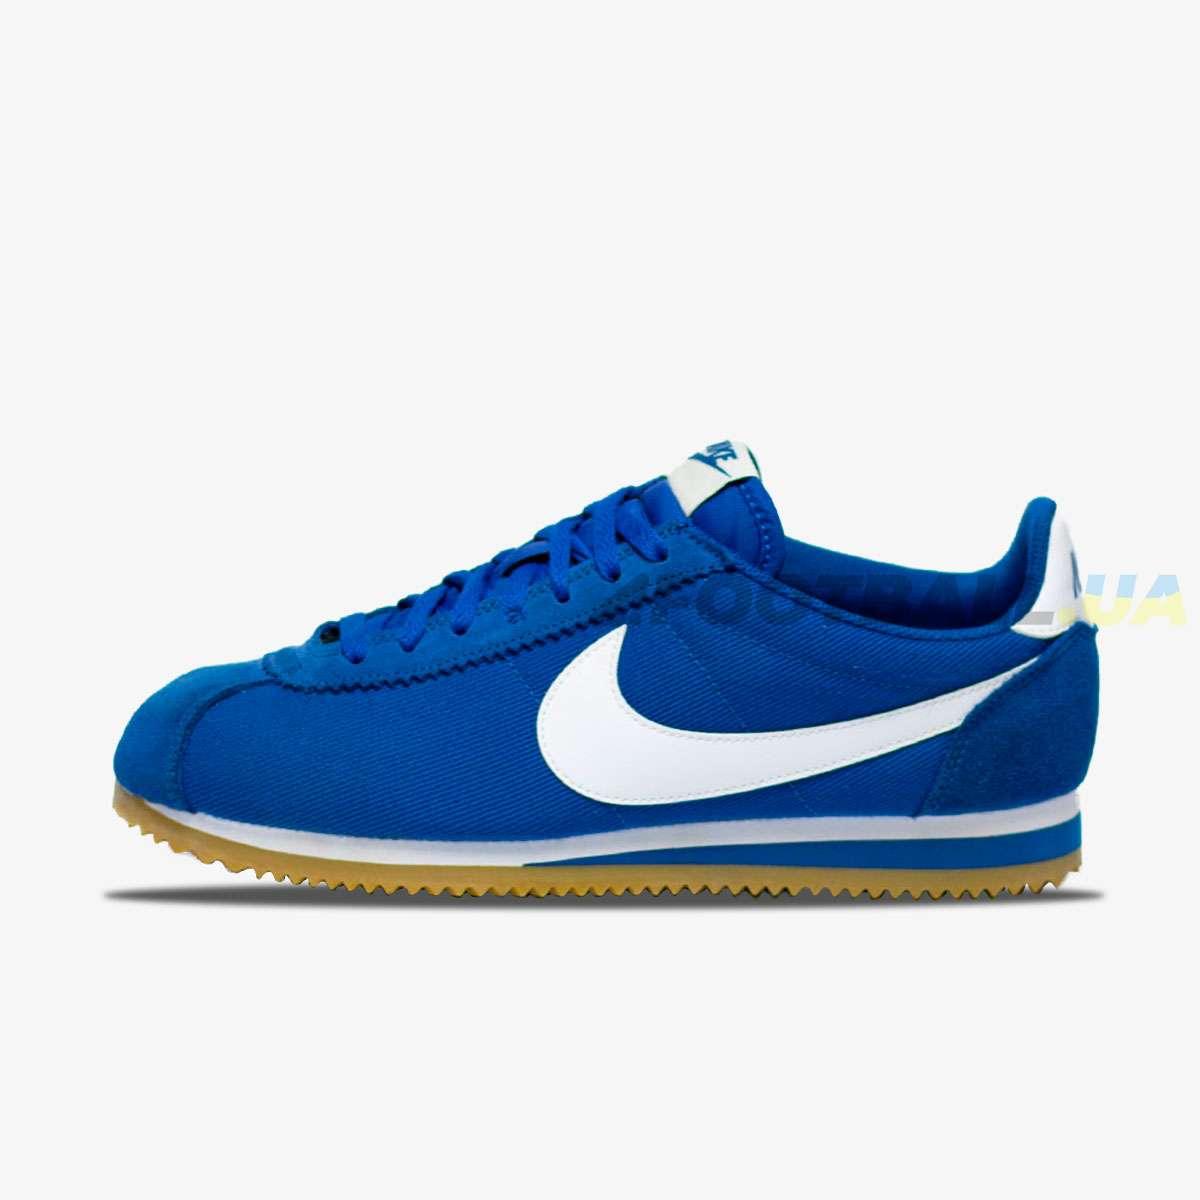 036704c4 Кроссовки кежуал Nike — купить оригинальные кроссовки в стиле кежуал ...